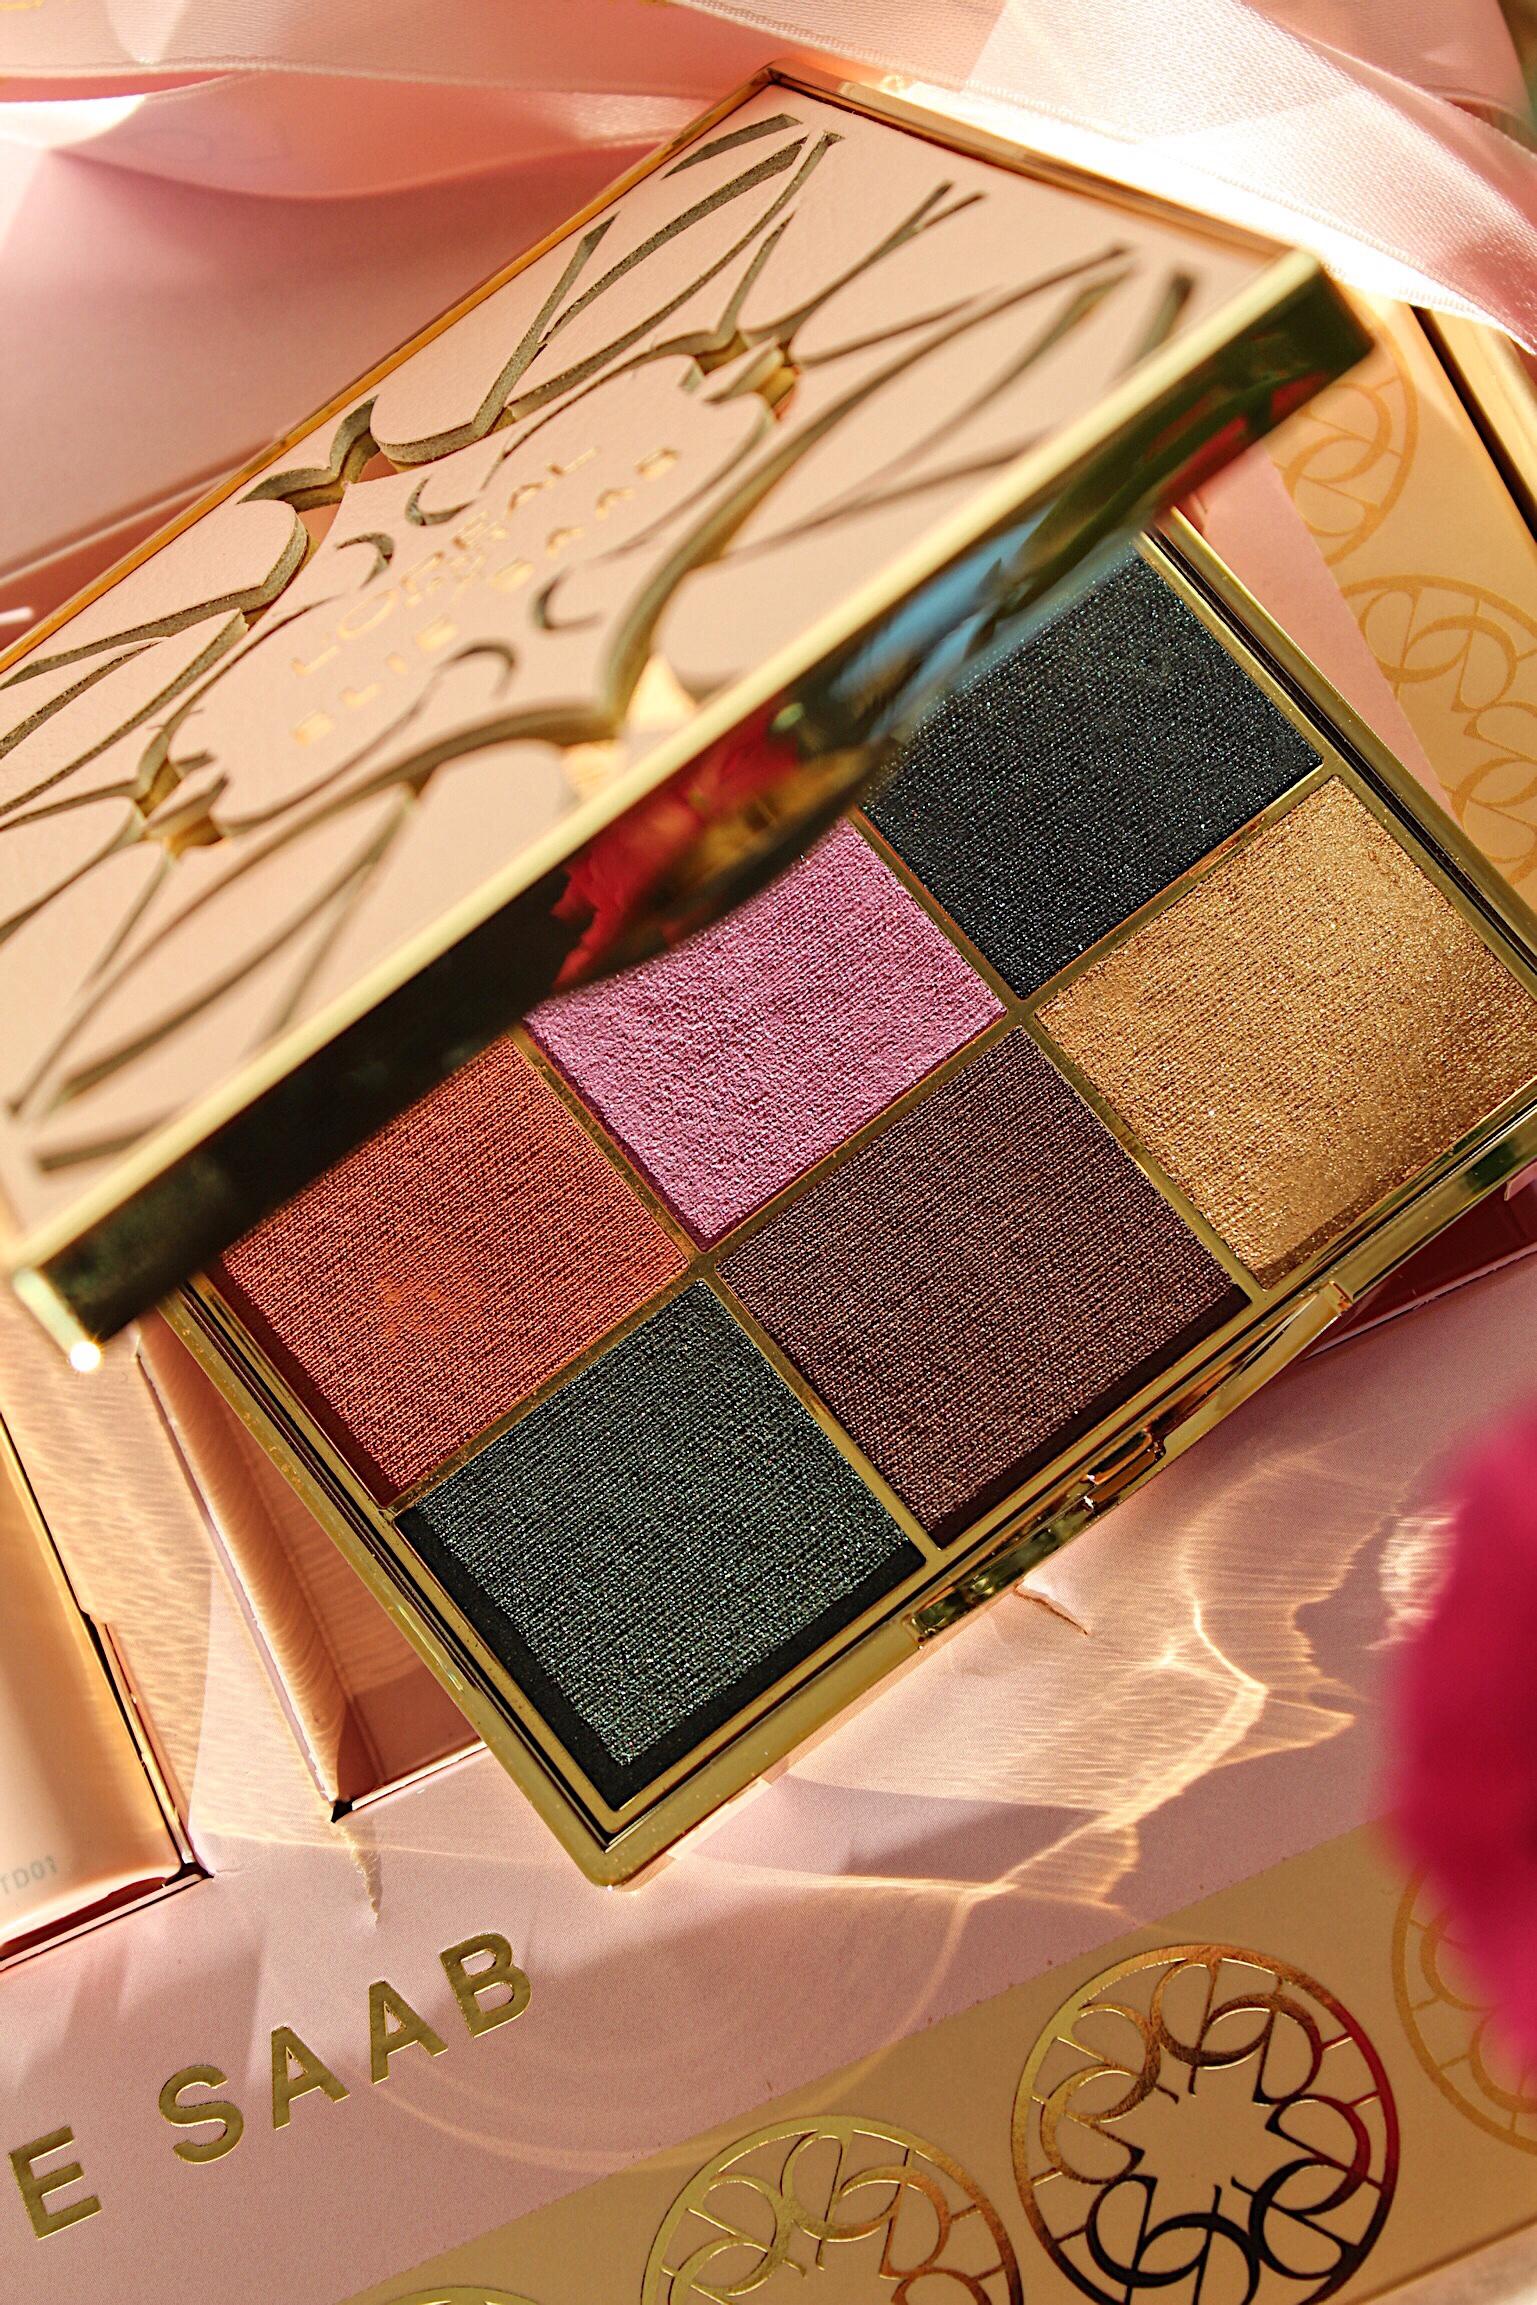 Elie Saab x L'Oréal Eyeshadow Palette